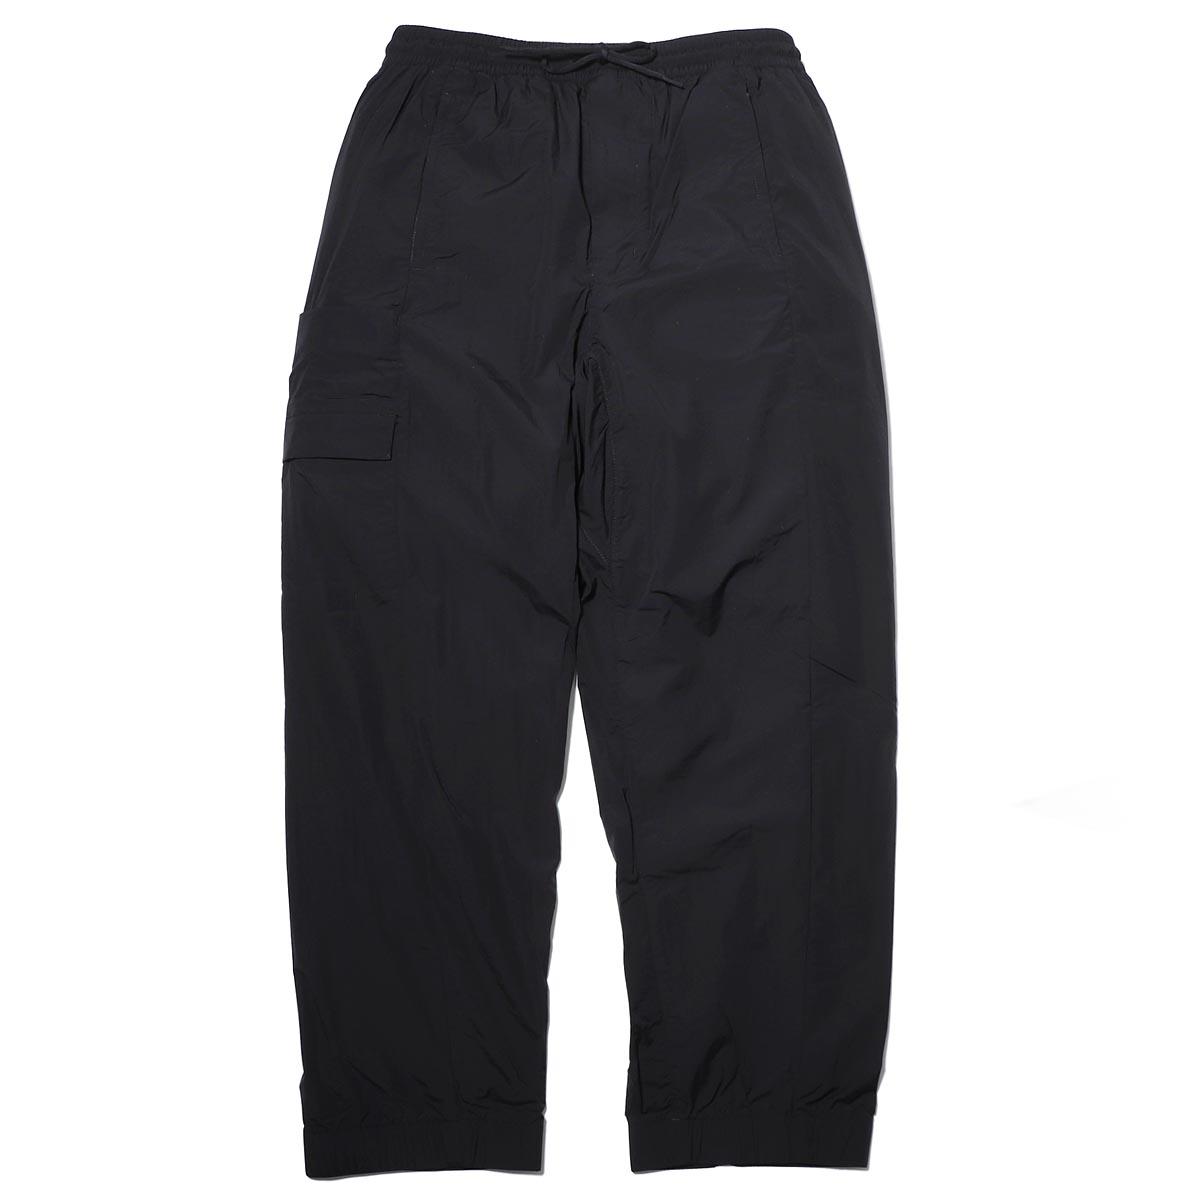 ワイスリー Y-3 イージーパンツ ブラック メンズ fs3348 black TARVEL TRACK PANTS【あす楽対応_関東】【返品送料無料】【ラッピング無料】